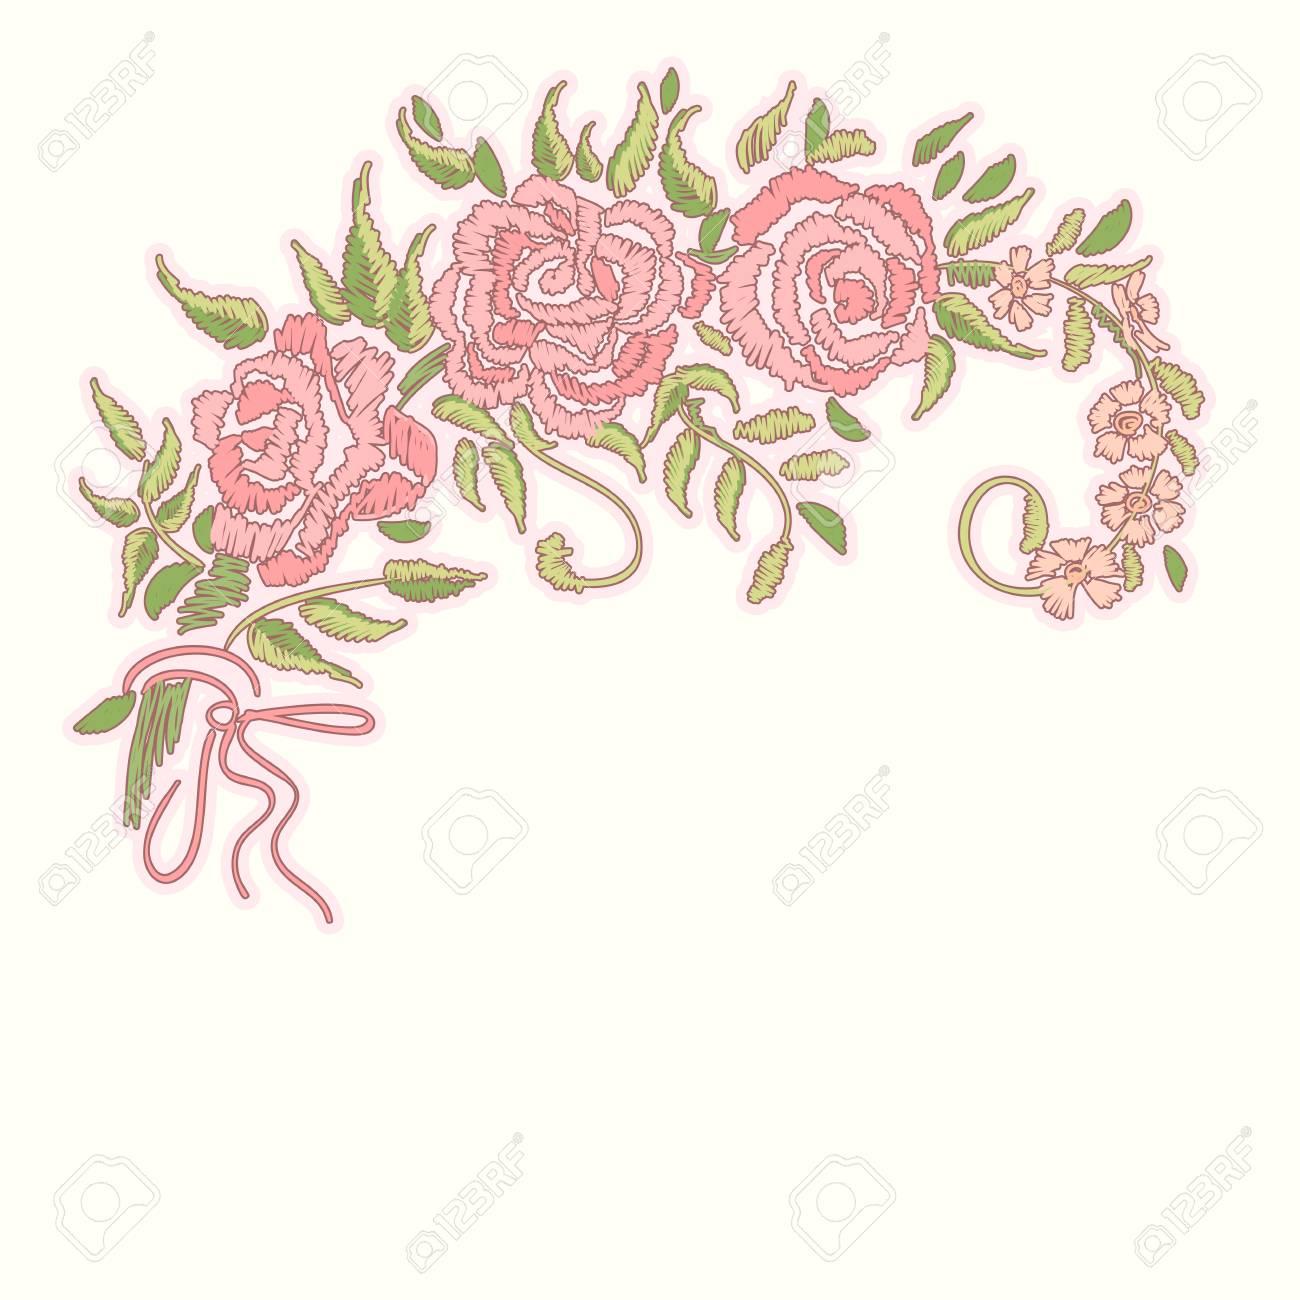 Bordado Rosado De Las Rosas Rojas En El Fondo Blanco. Patrón Floral ...